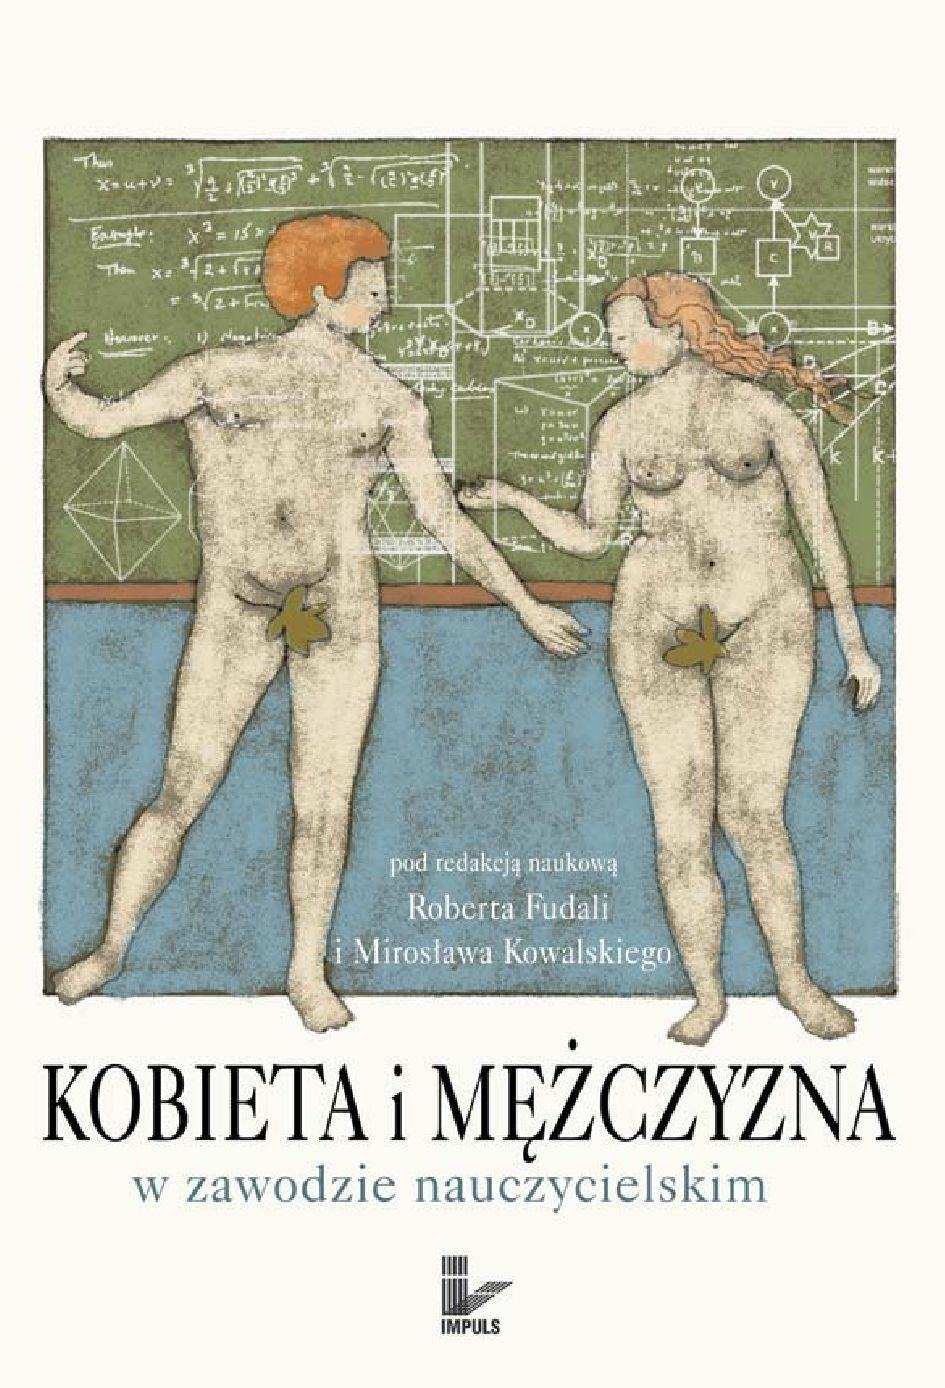 Kobieta i mężczyzna w zawodzie nauczycielskim - Ebook (Książka EPUB) do pobrania w formacie EPUB